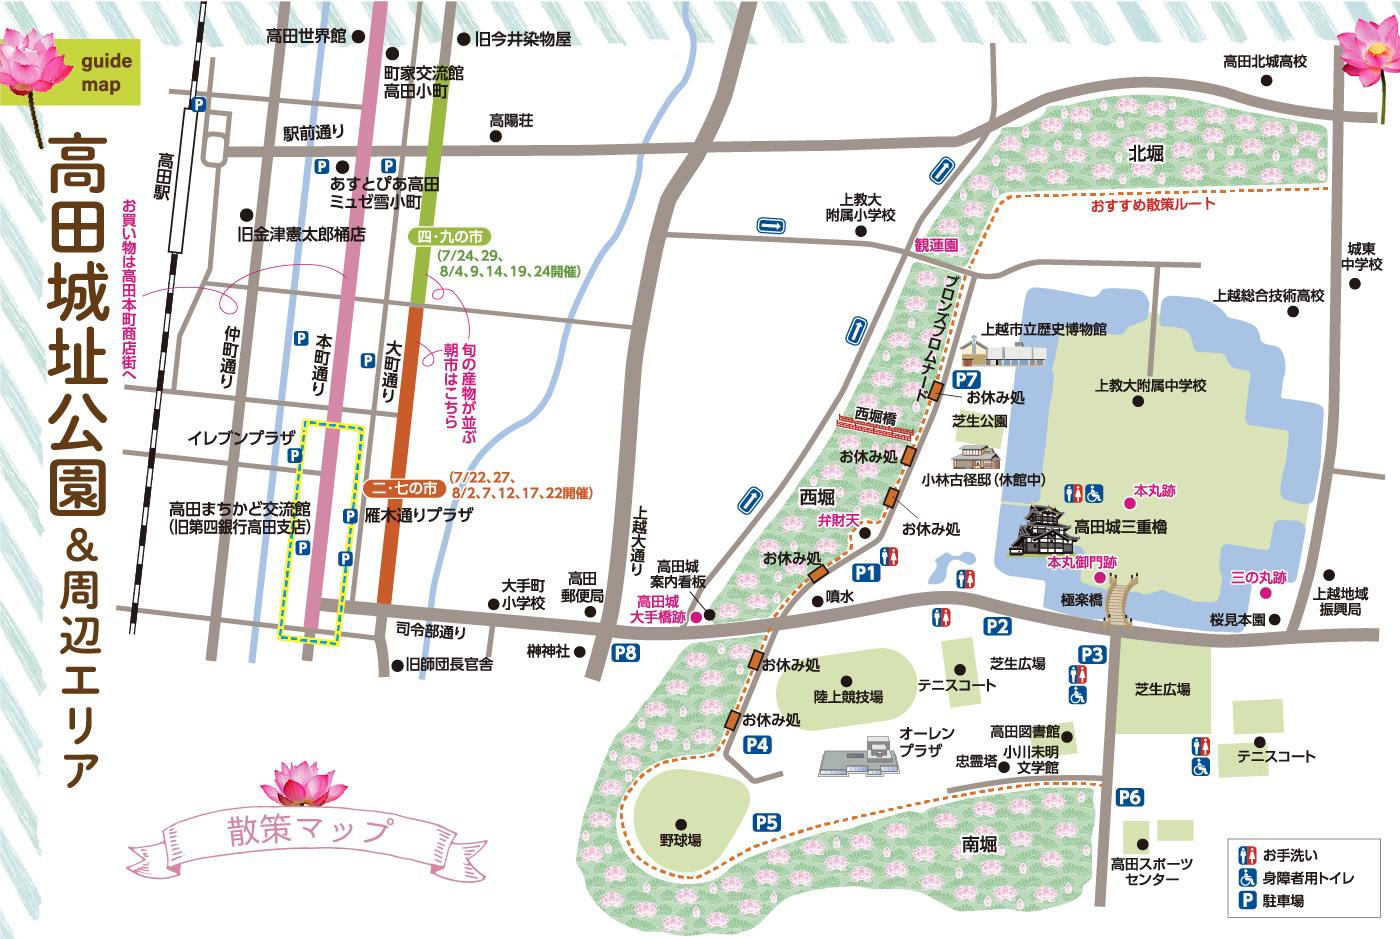 高田城址公園散策マップ